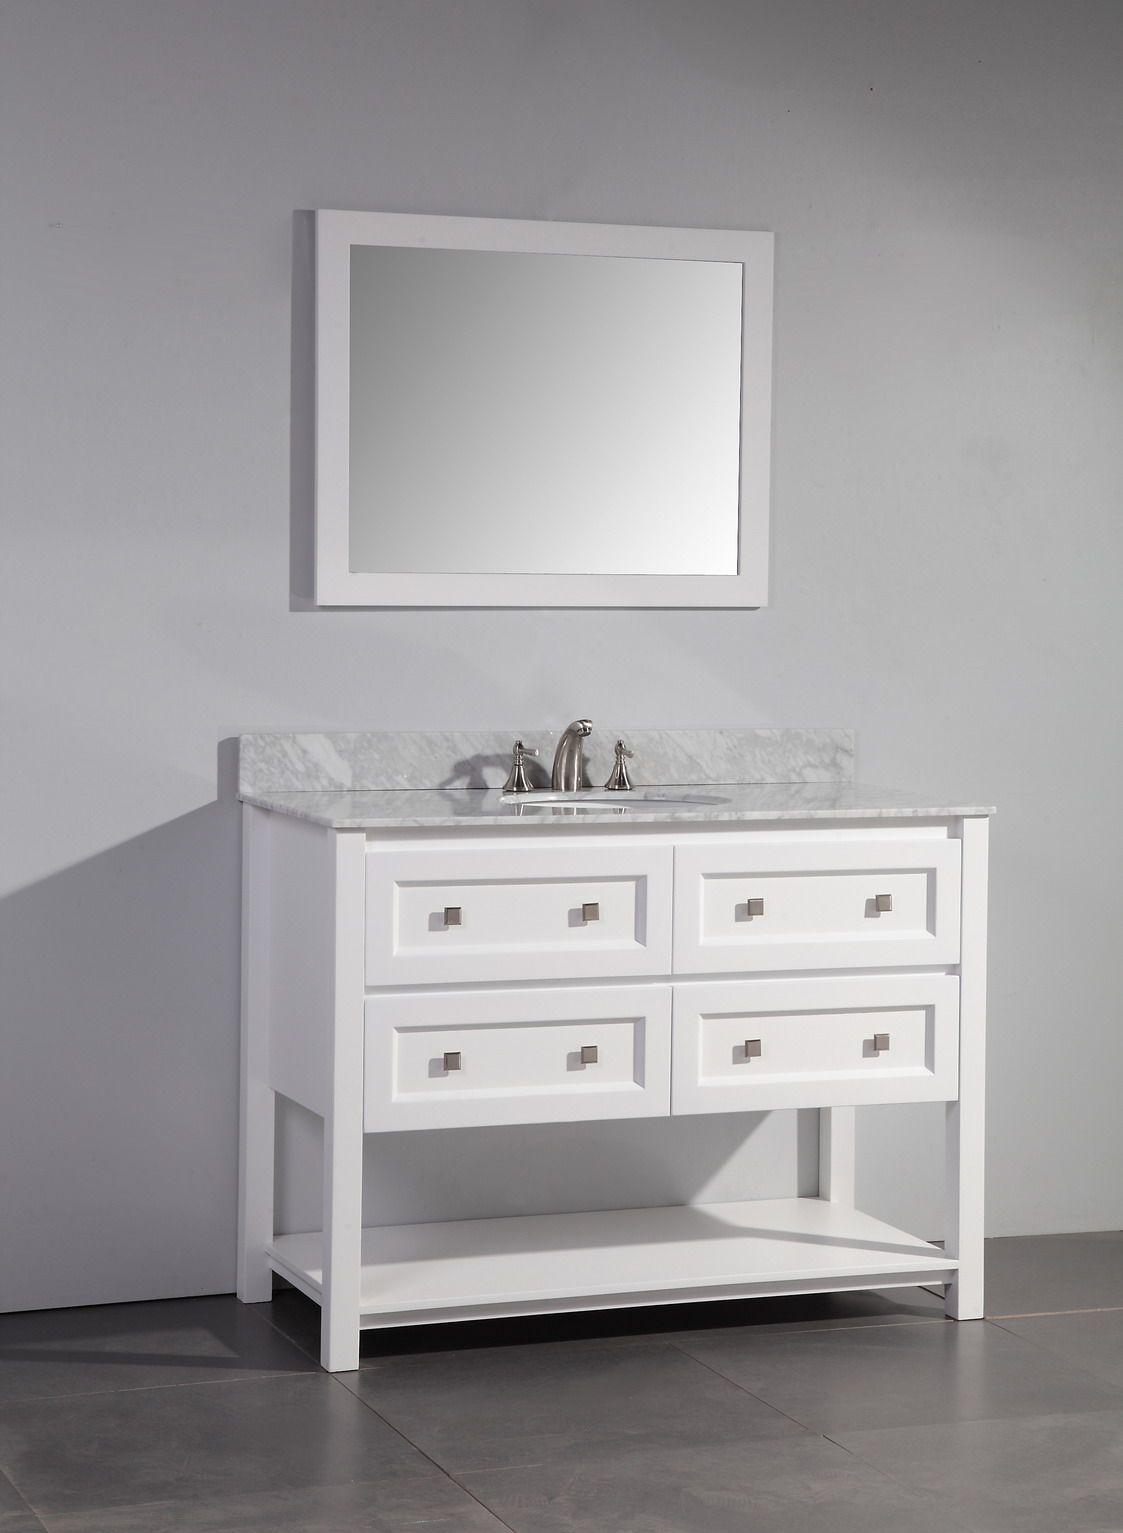 Art Legion 48 Inch Contemporary Single Sink Bathroom Vanity